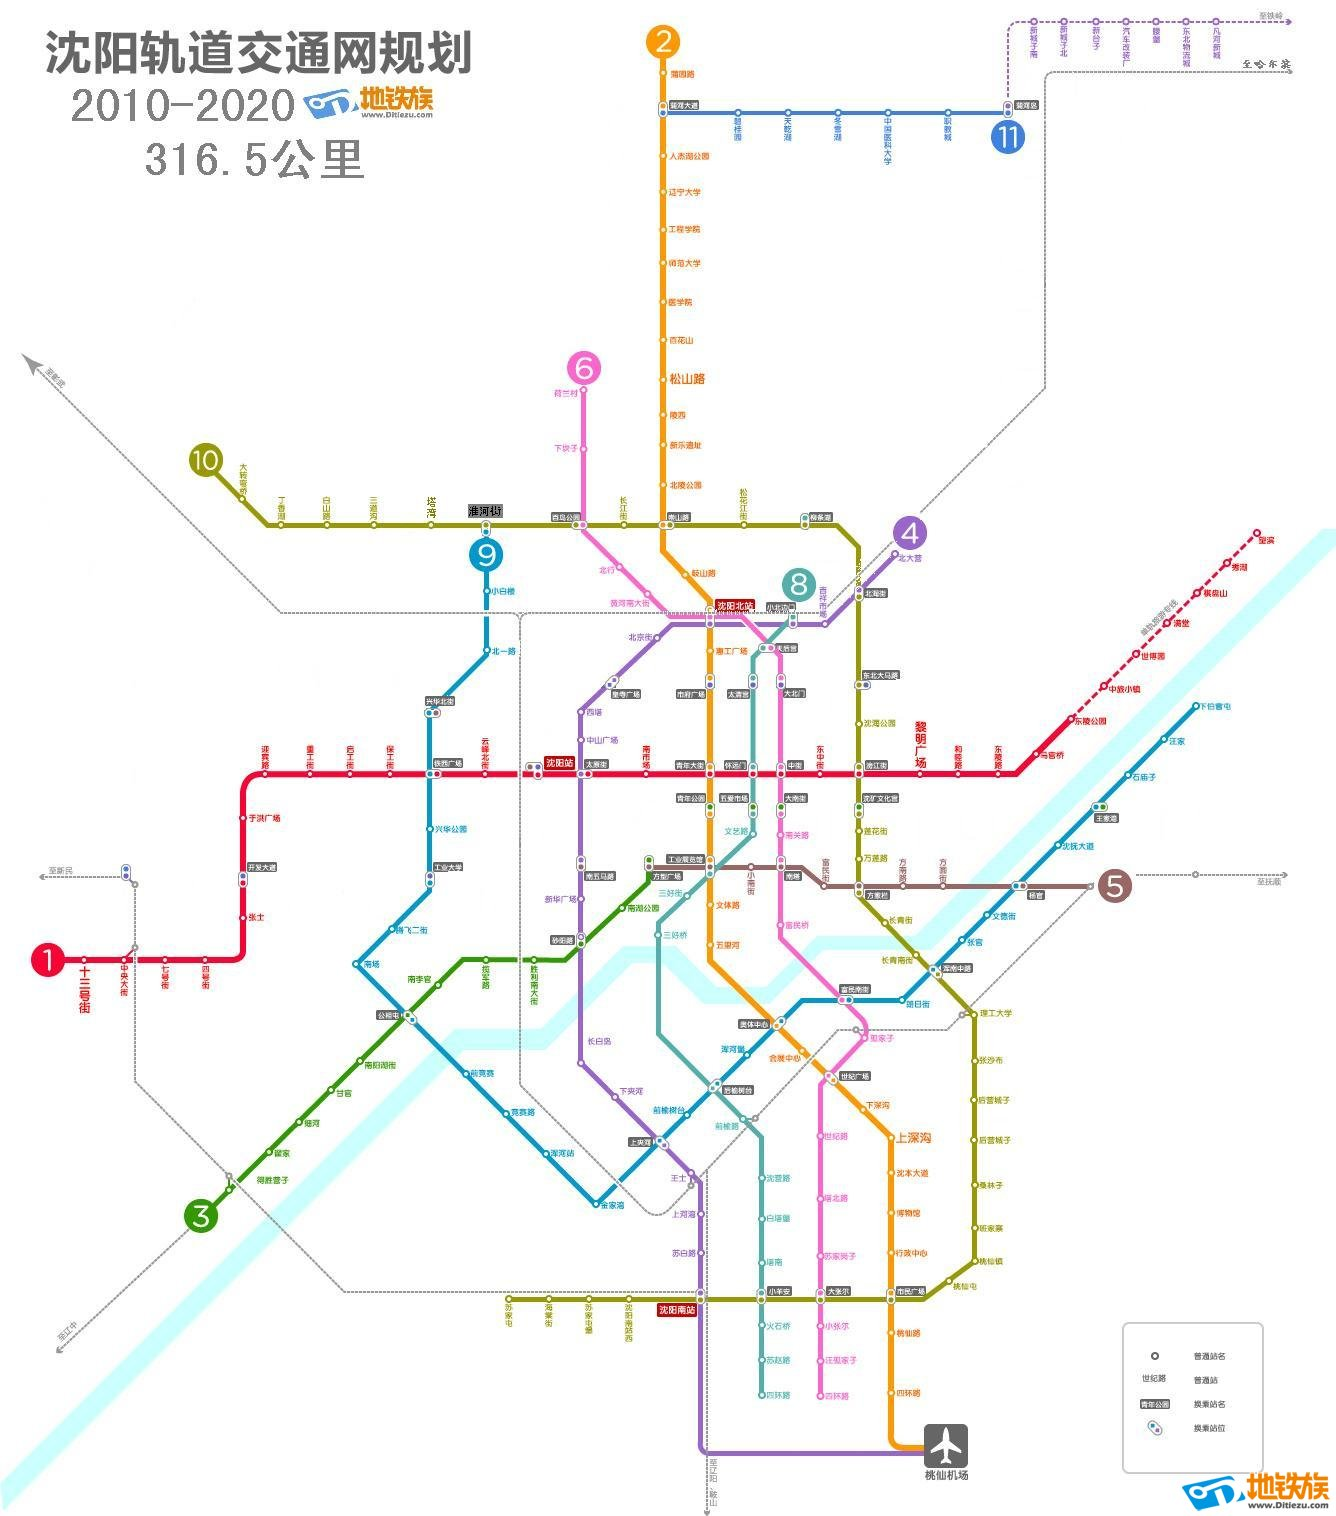 北京地铁最新规划图_求:1、沈阳区域划分图 2、地铁规划图_百度知道